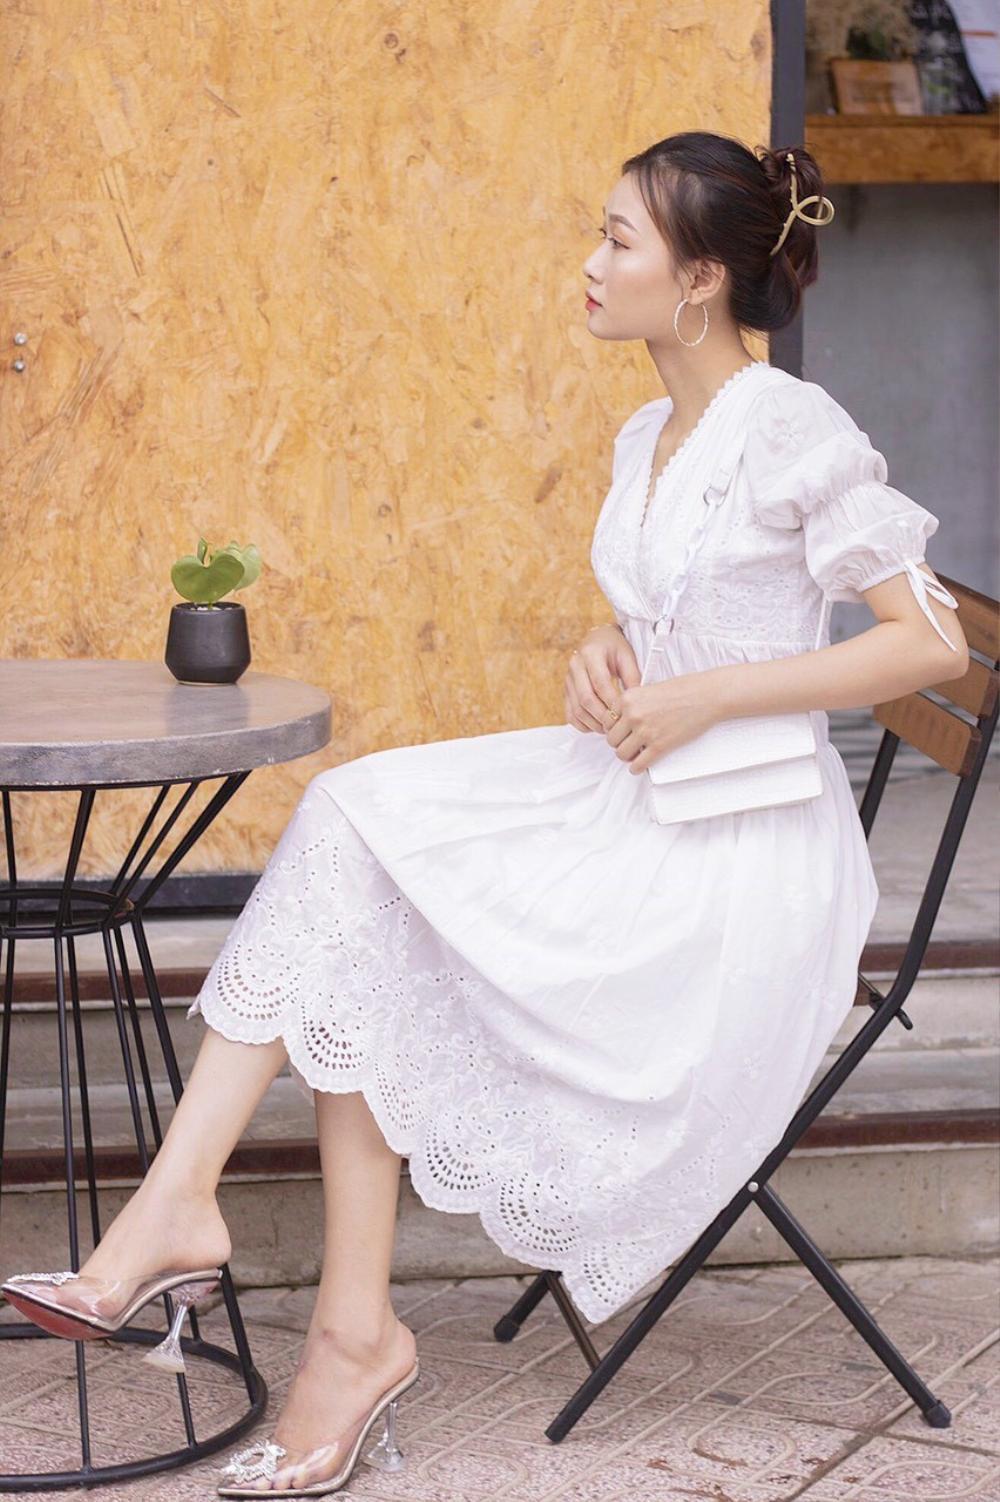 Kim Closet - Xu thế thời trang nữ 2021 Ảnh 5